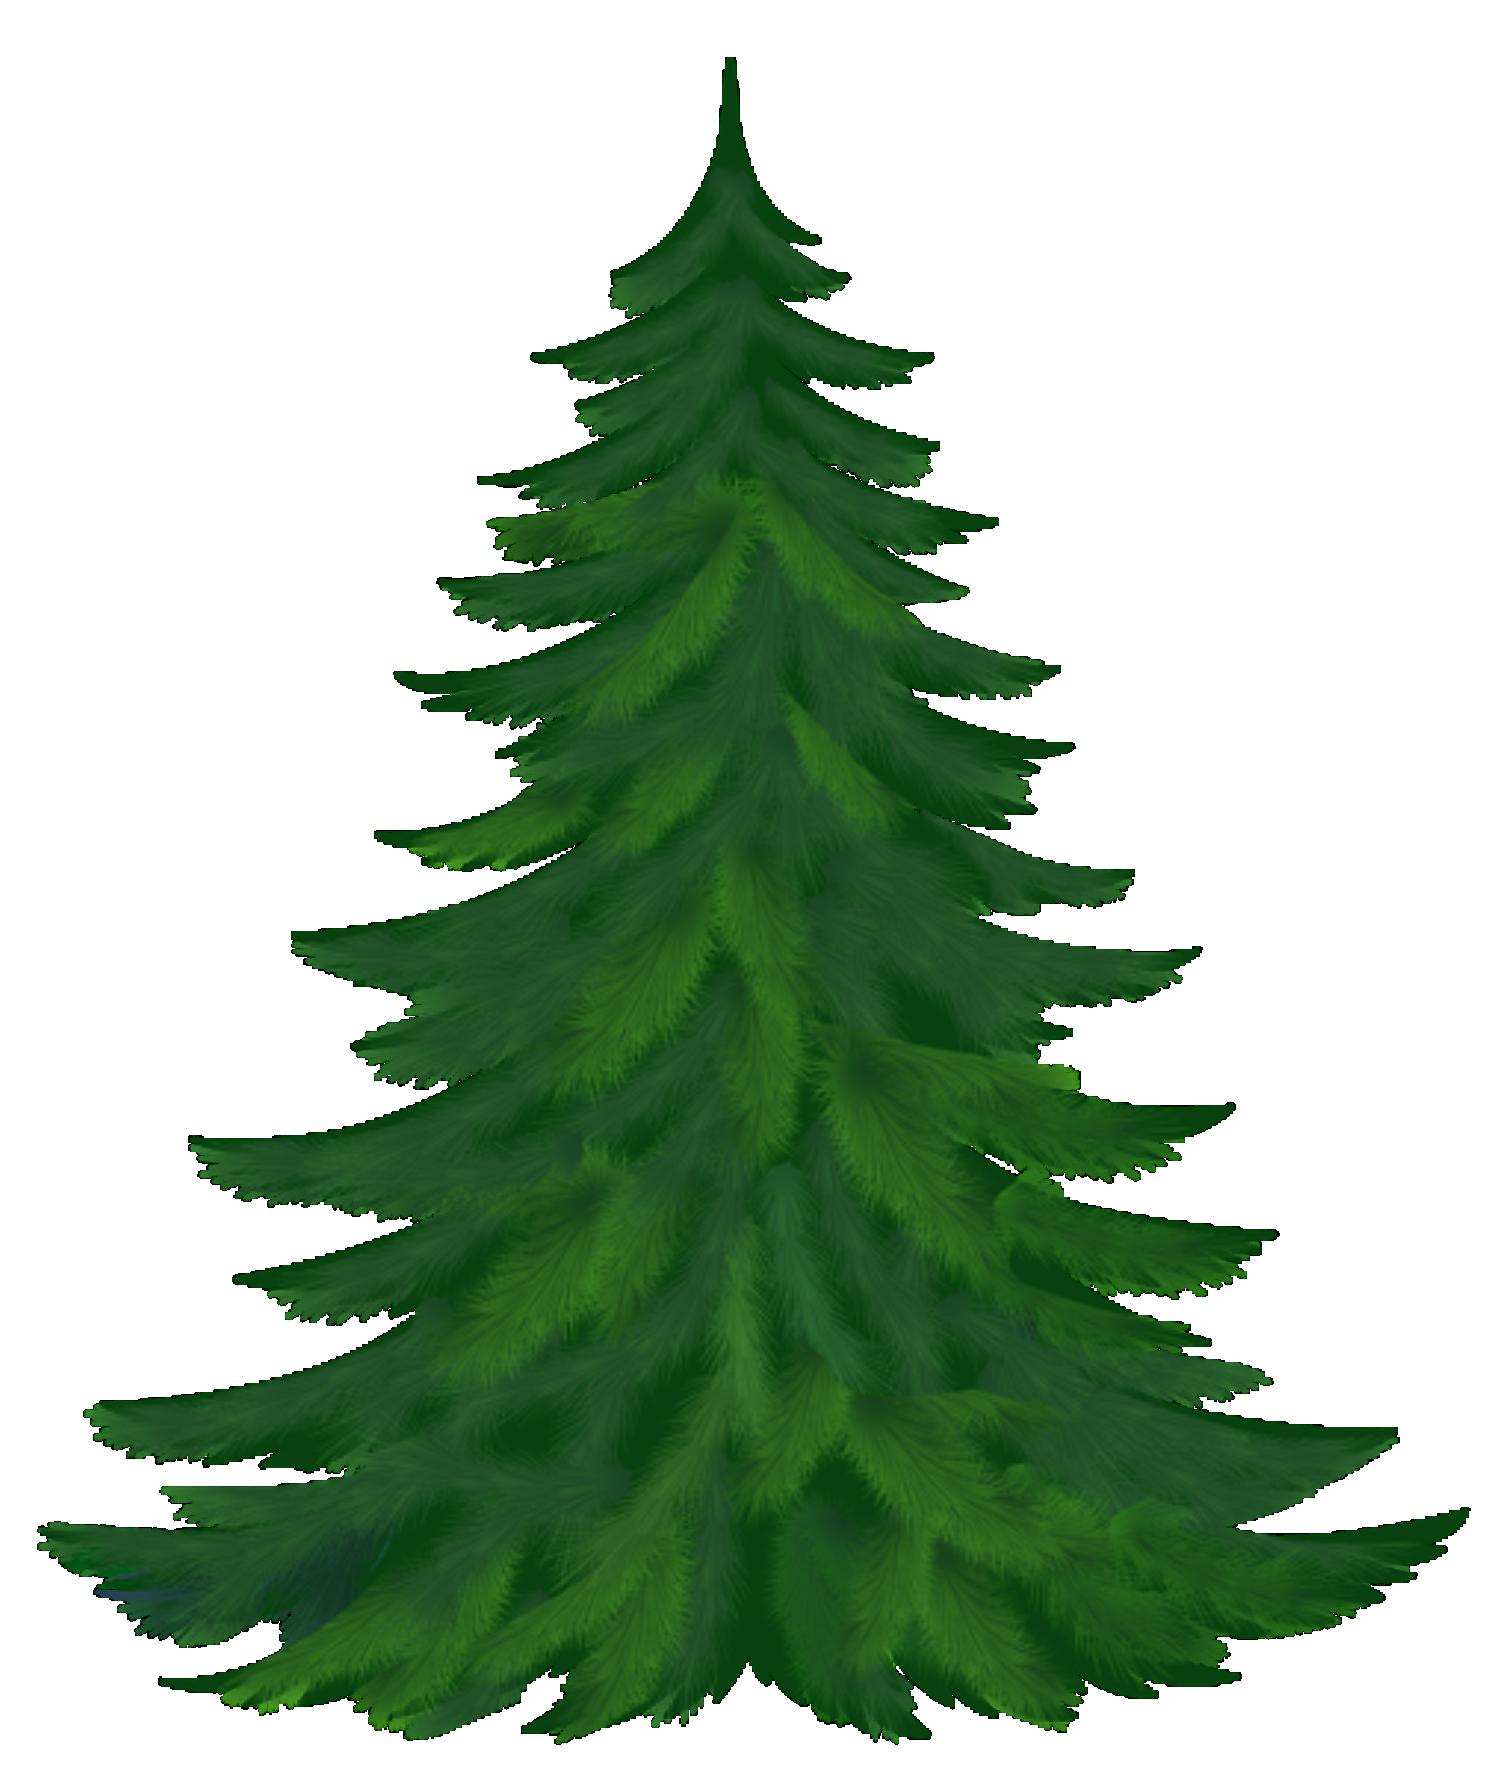 Árvores pinheiro 2 png imagens e moldes com br pinheiros